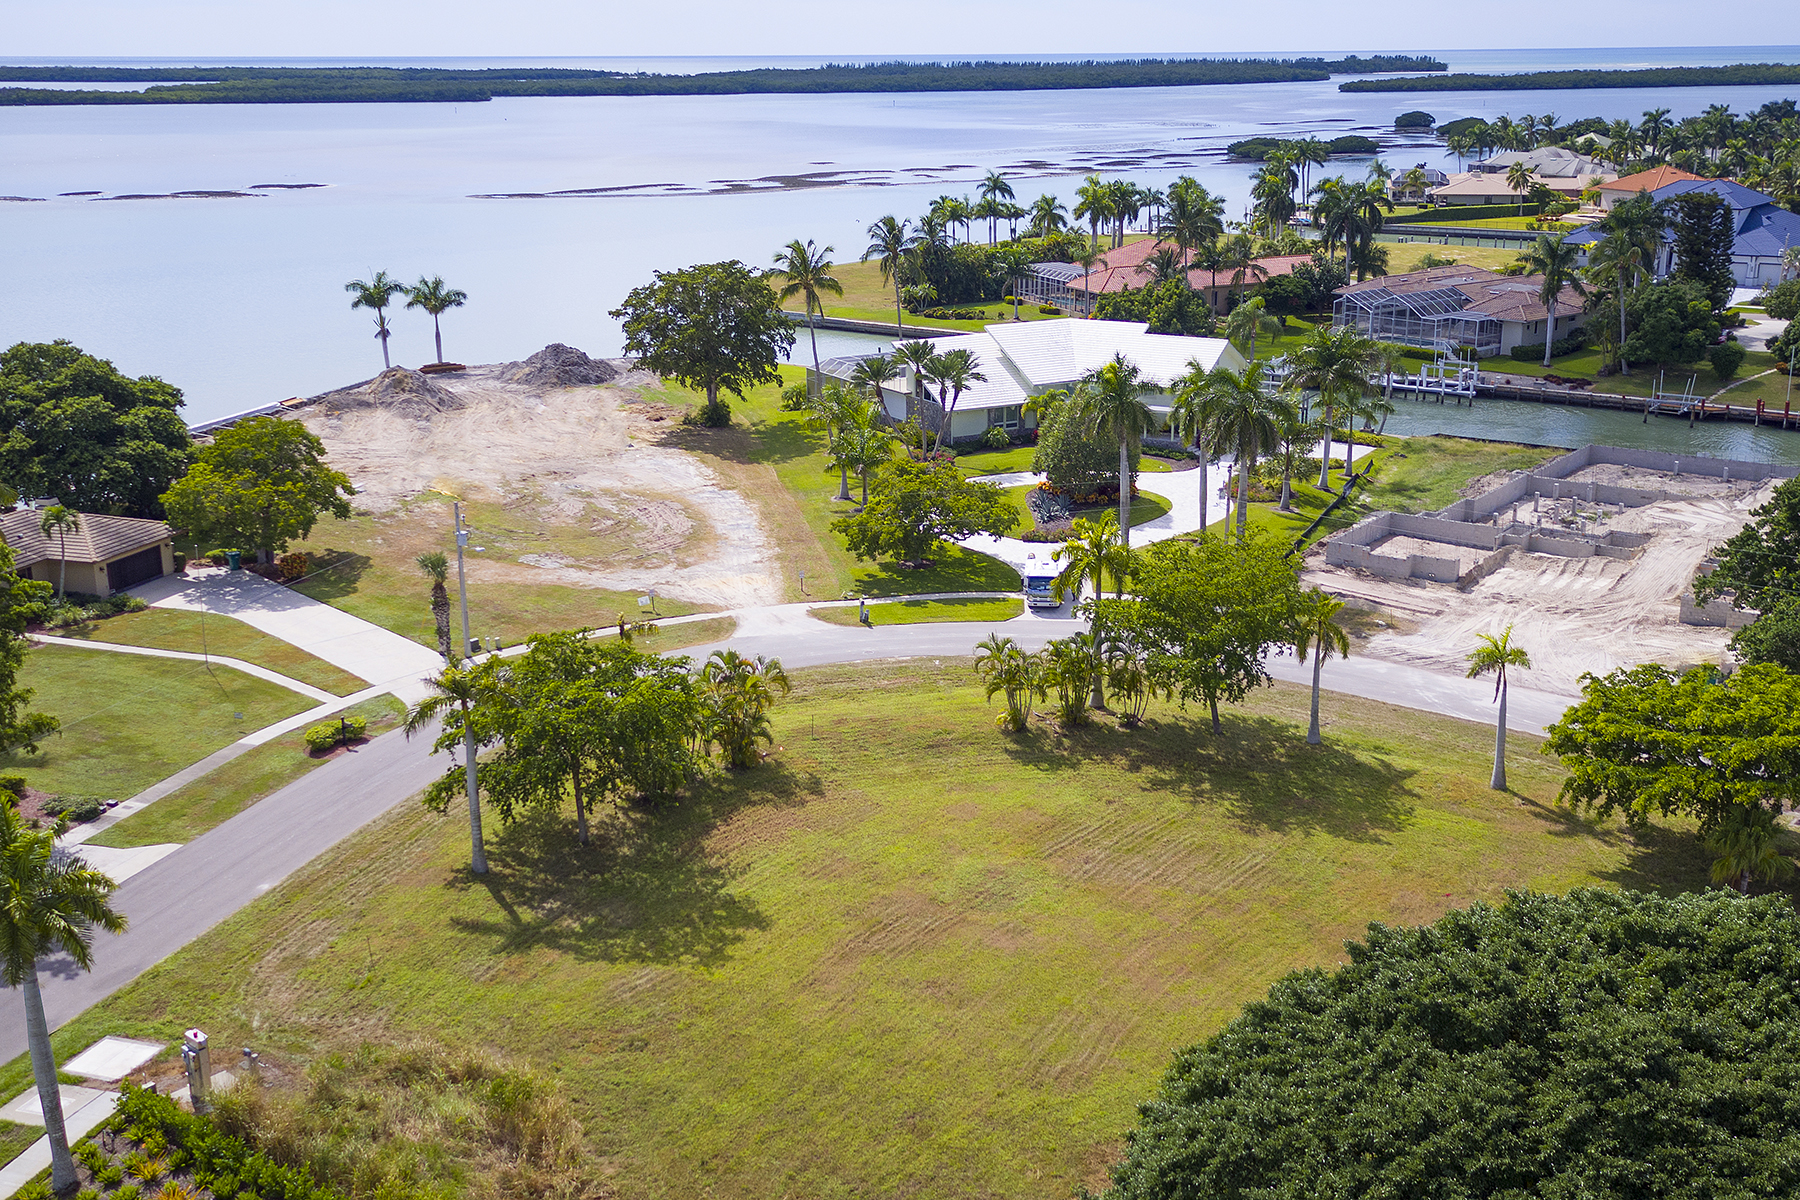 Terreno por un Venta en MARCO ISLAND - CAXAMBAS DRIVE 1060 Caxambas Dr Marco Island, Florida, 34145 Estados Unidos